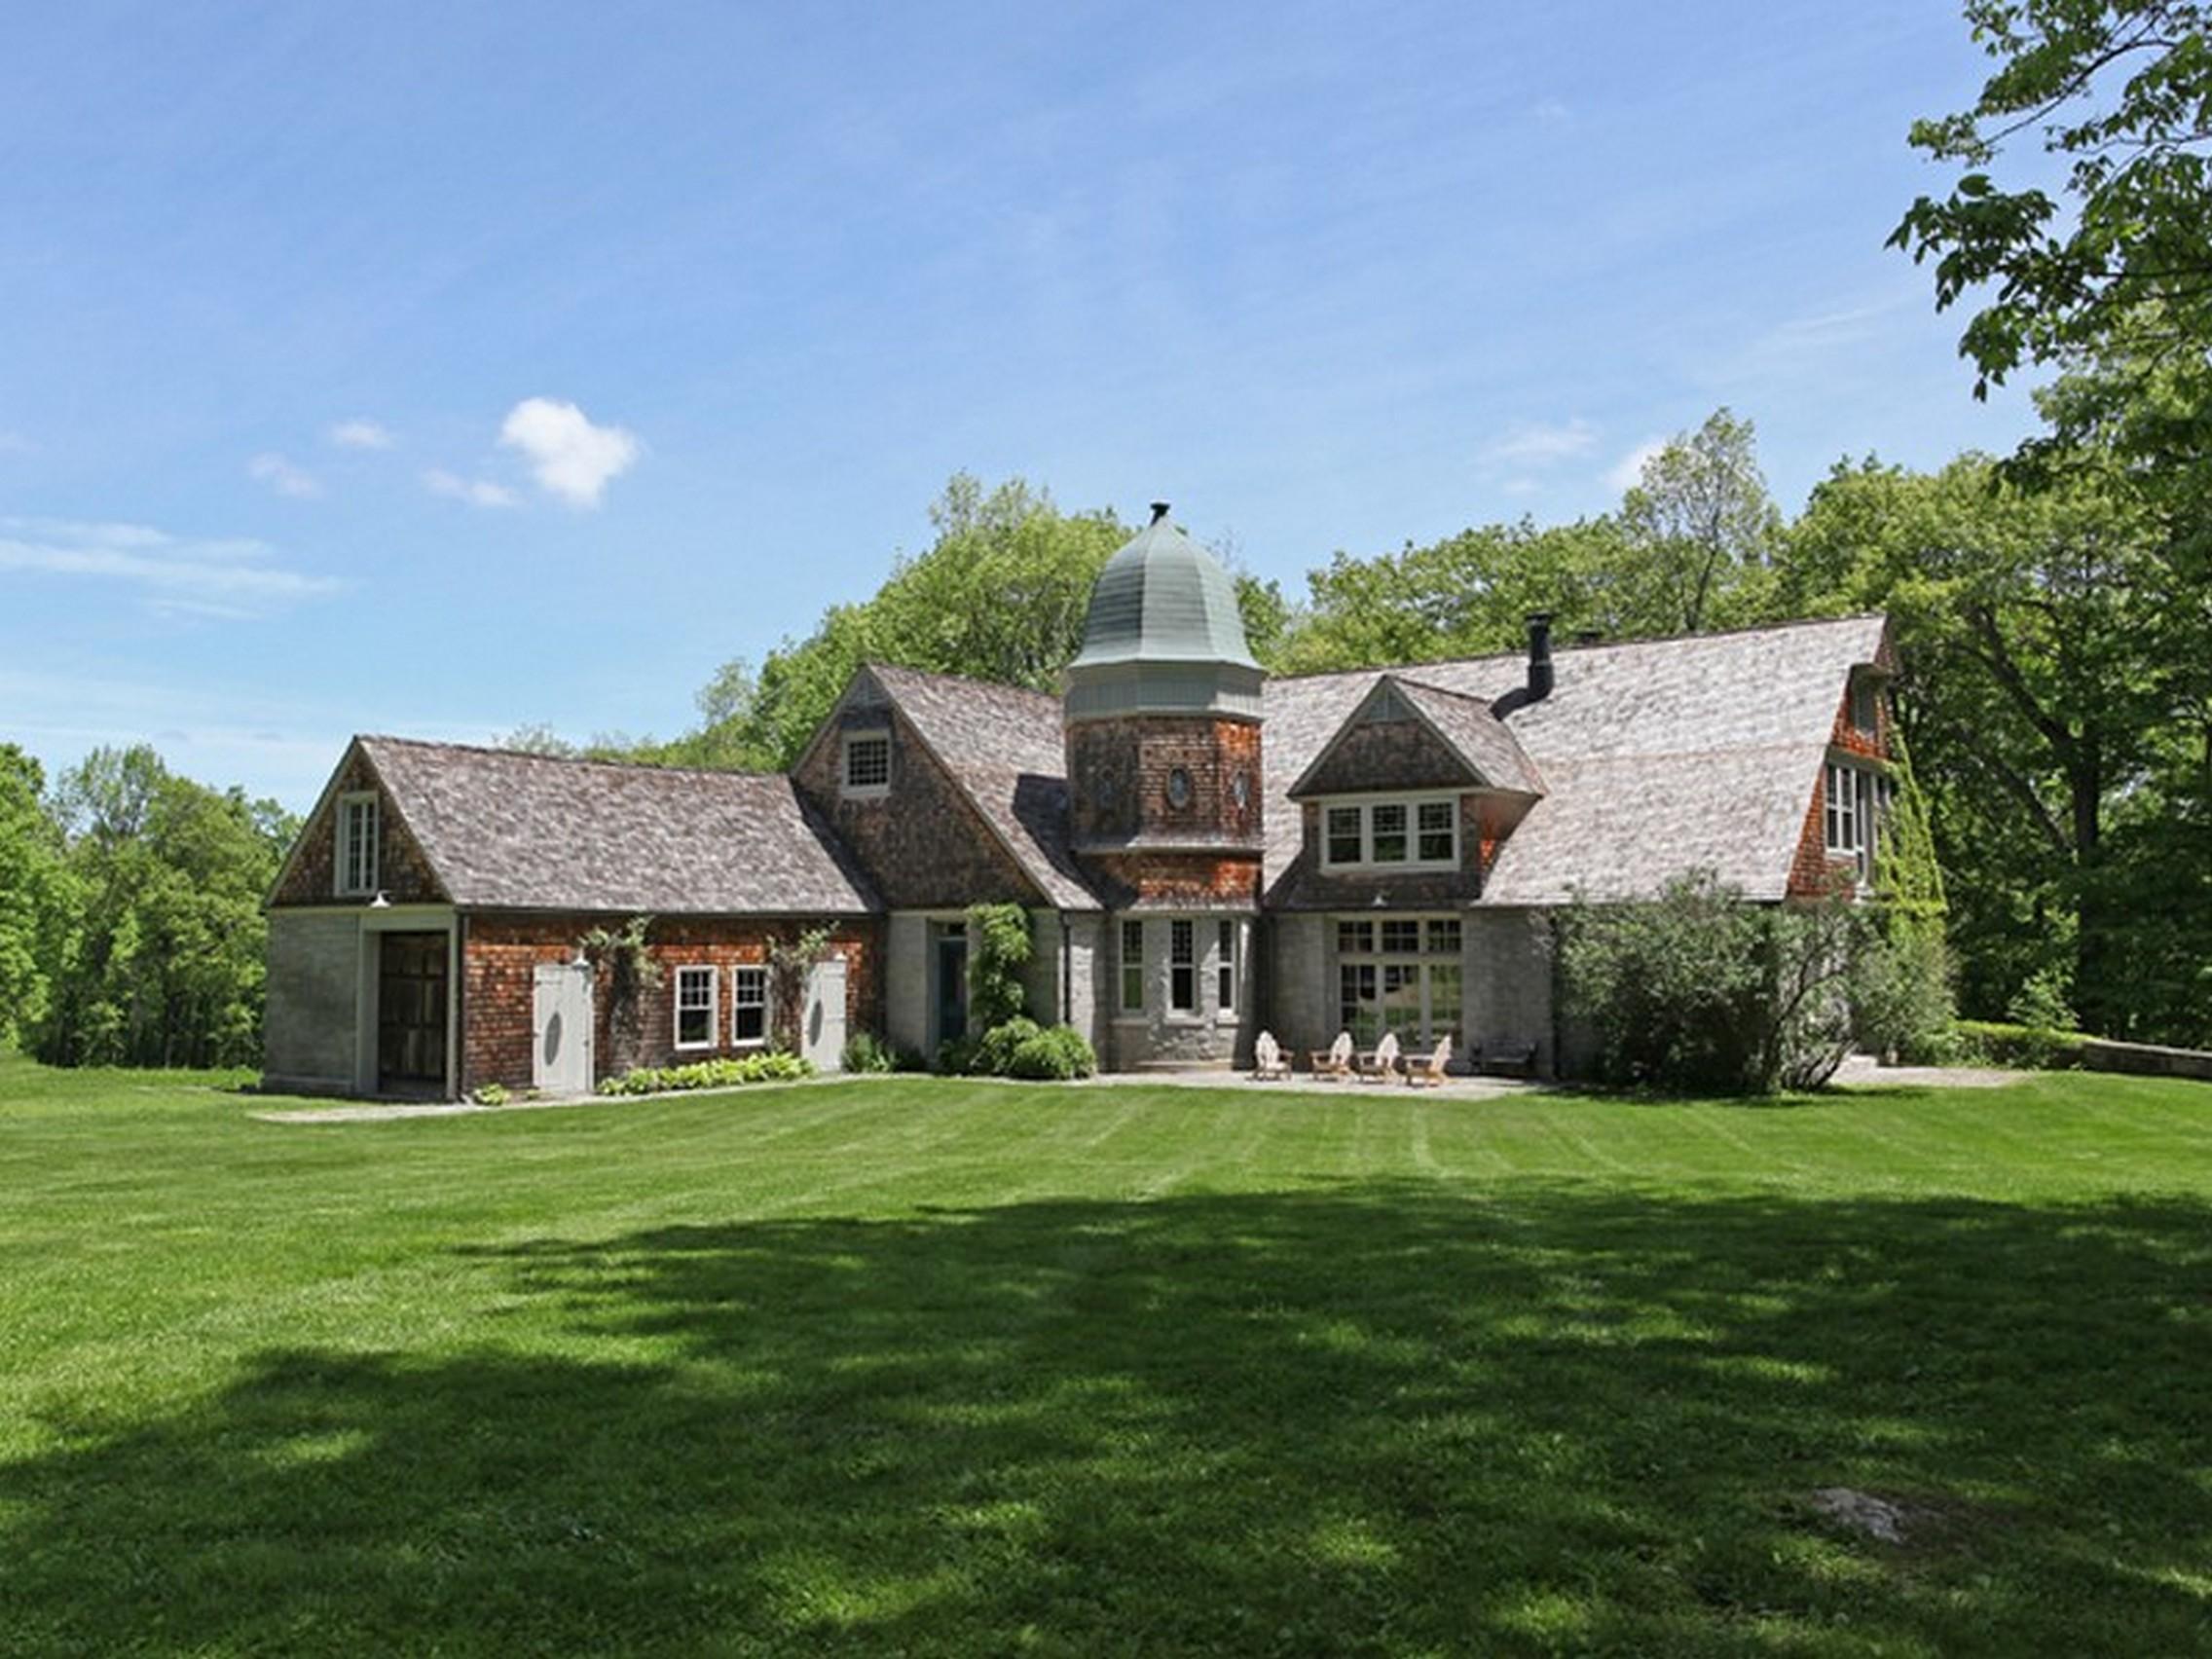 Casa Unifamiliar por un Venta en 1880 Carriage Barn 412 North Lake Street Litchfield, Connecticut, 06759 Estados Unidos